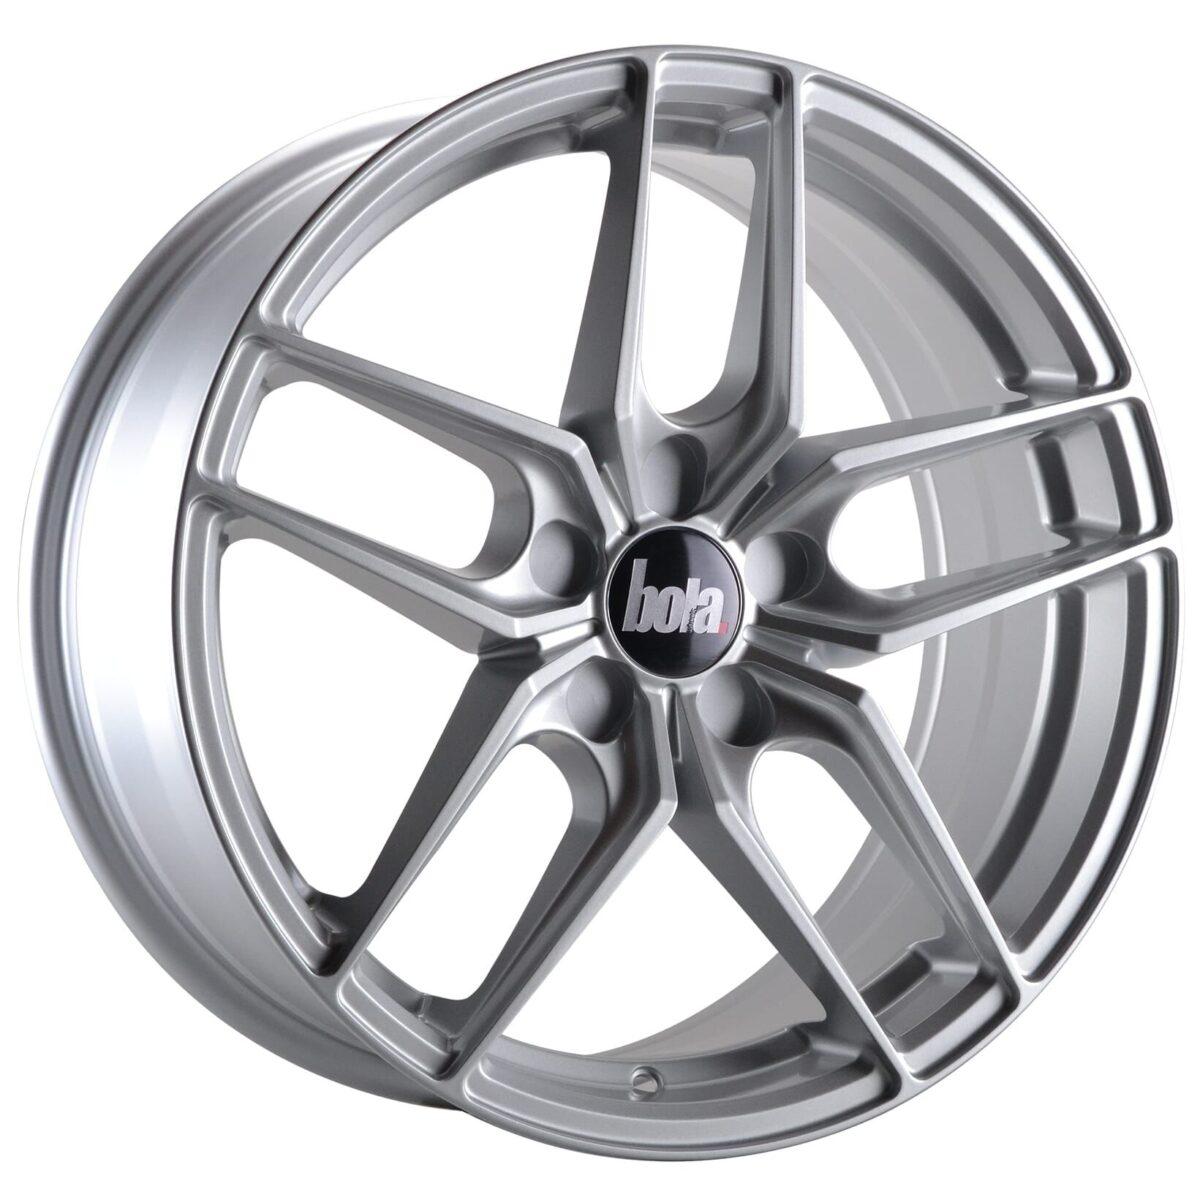 """18"""" BOLA B11 Wheels - Silver - VW / Audi / Mercedes - 5x112"""